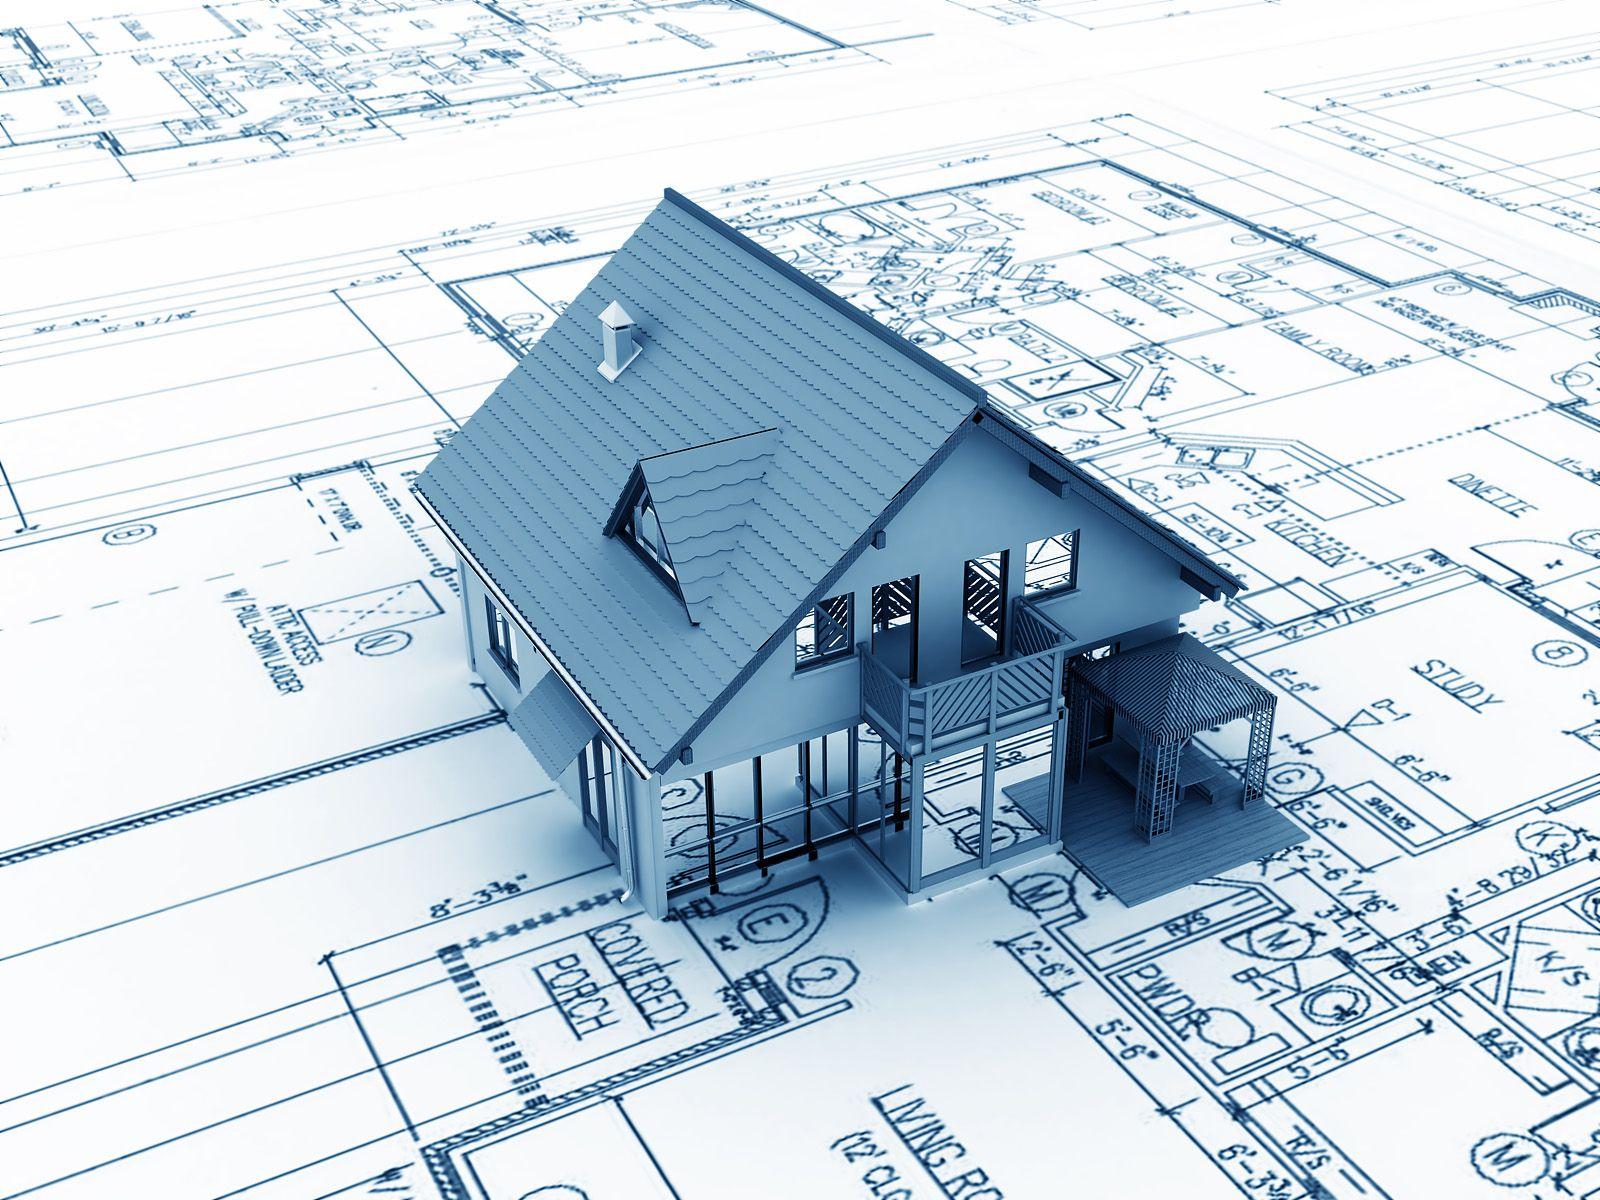 Blueprint - Получение разрешения на строительство